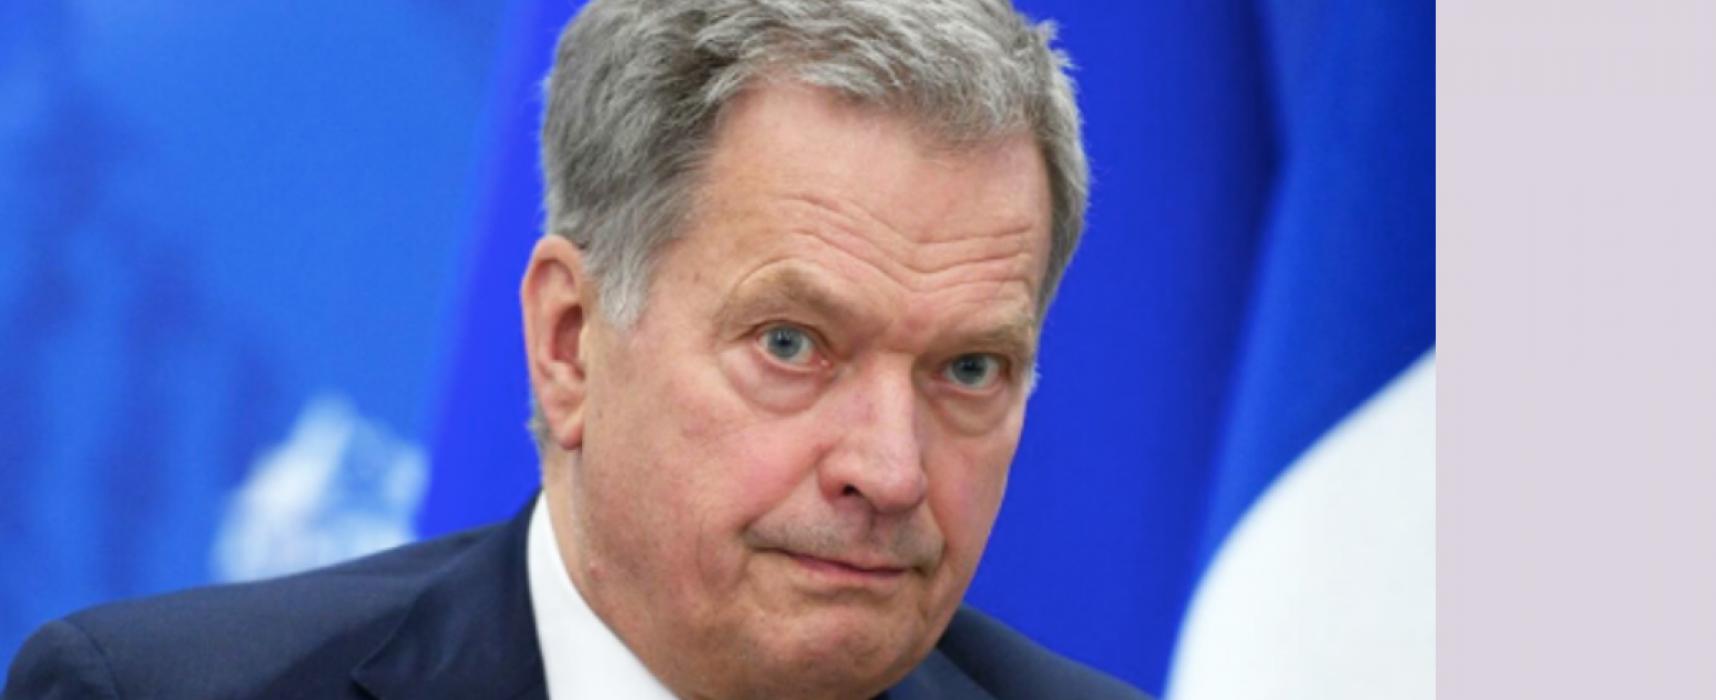 Фейк: Финляндия выступила против антироссийских санкций